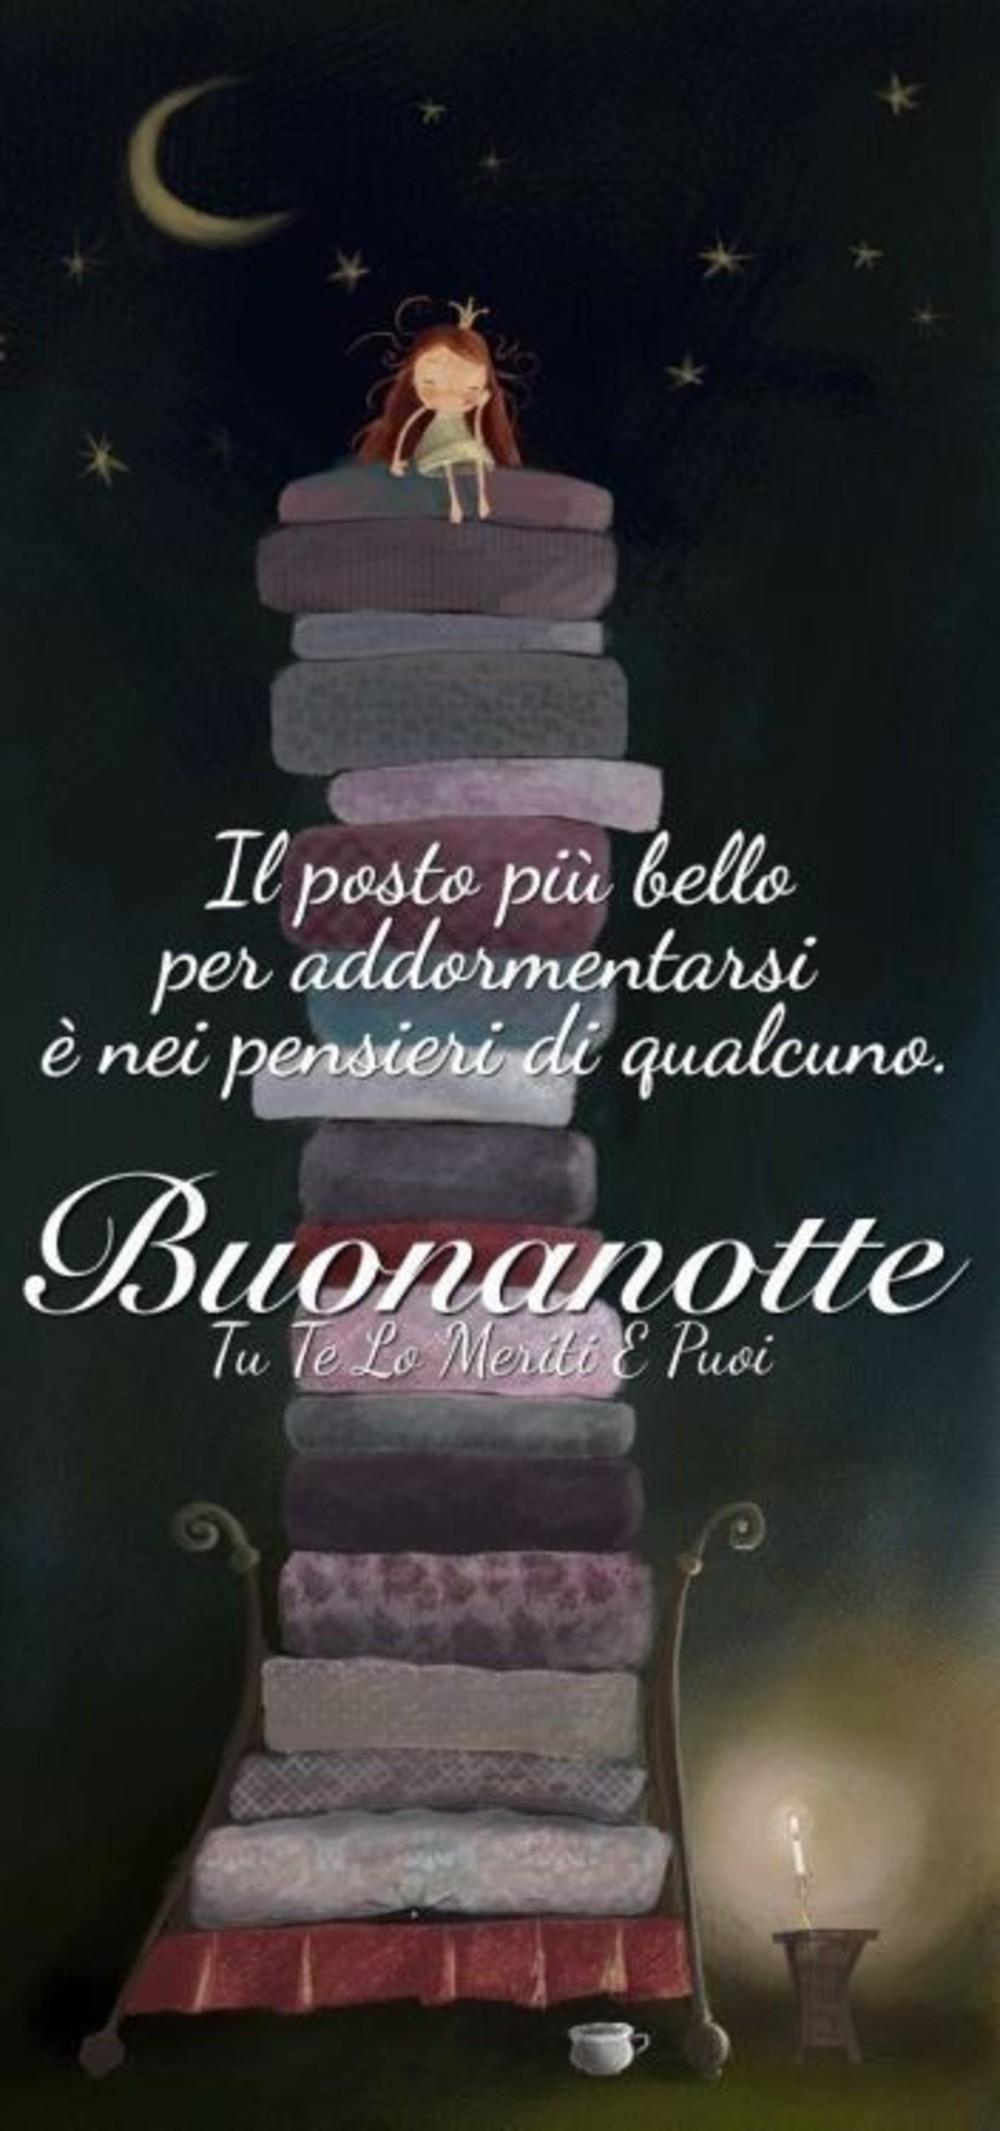 Belle Immagini Buonanotte Favolore 4 Buongiornocolsorriso It